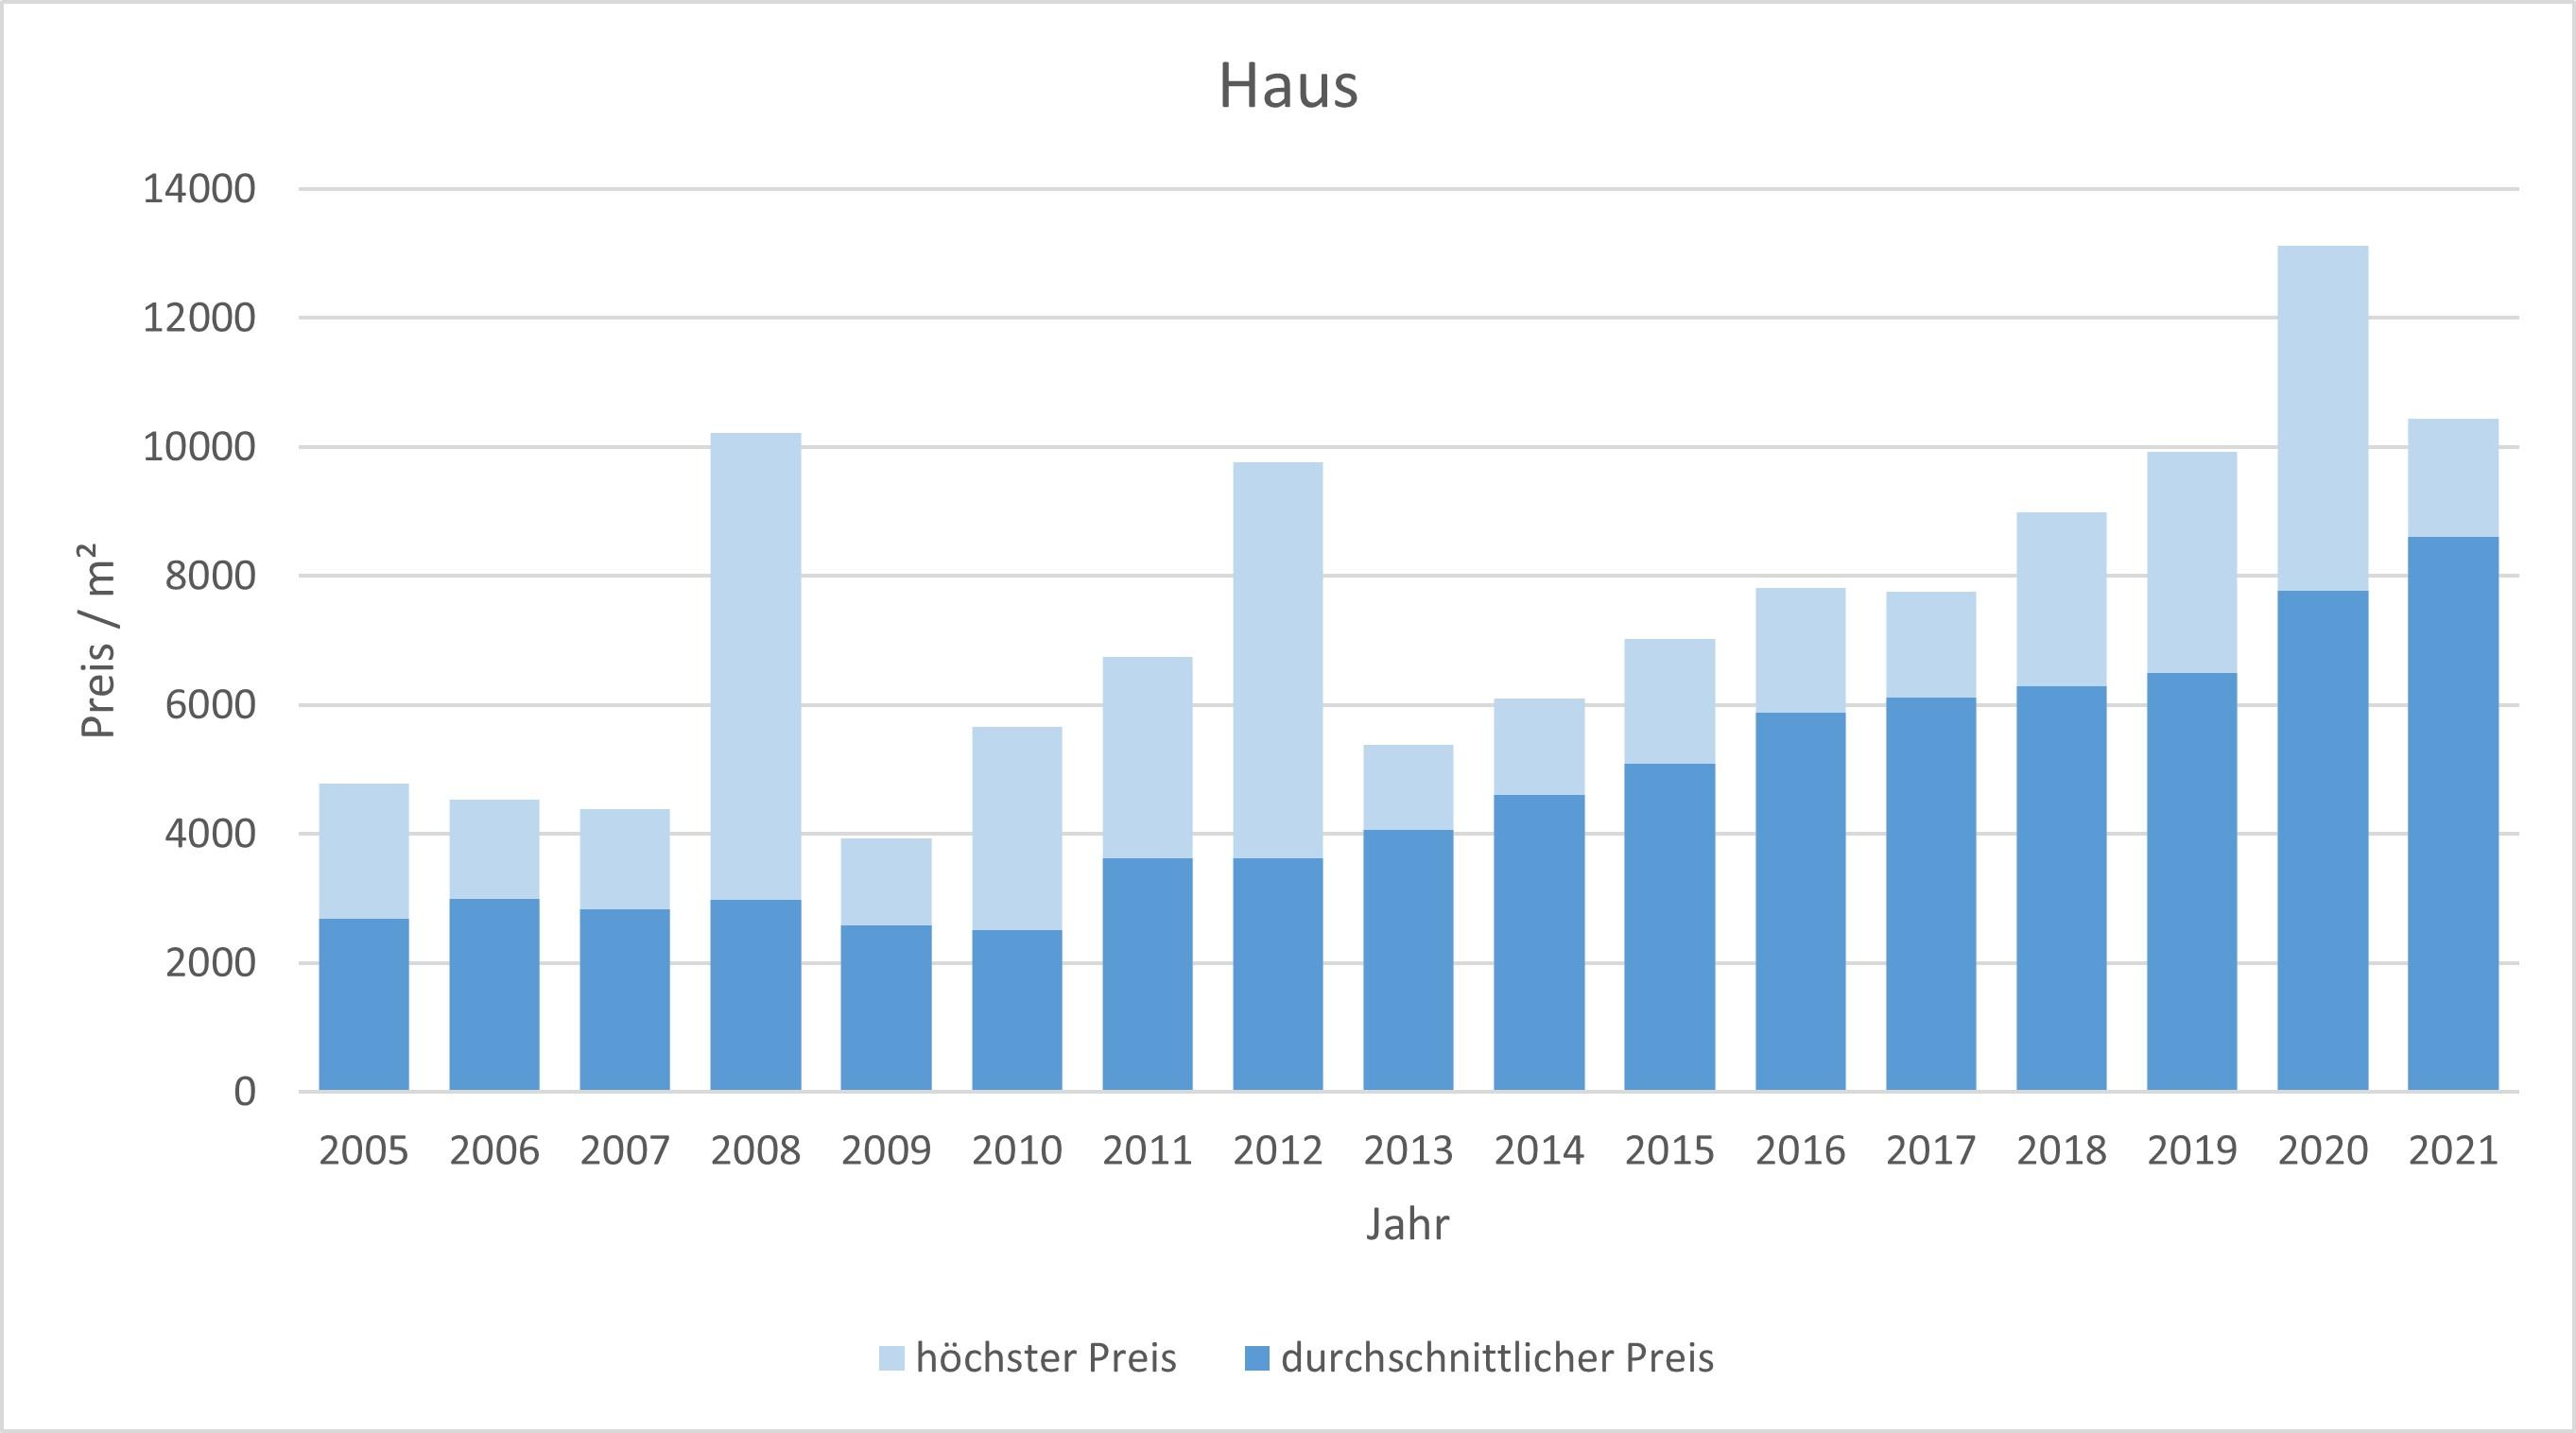 Garching Haus kaufen verkaufen Preis Bewertung Makler www.happy-immo.de 2019 2020 2021